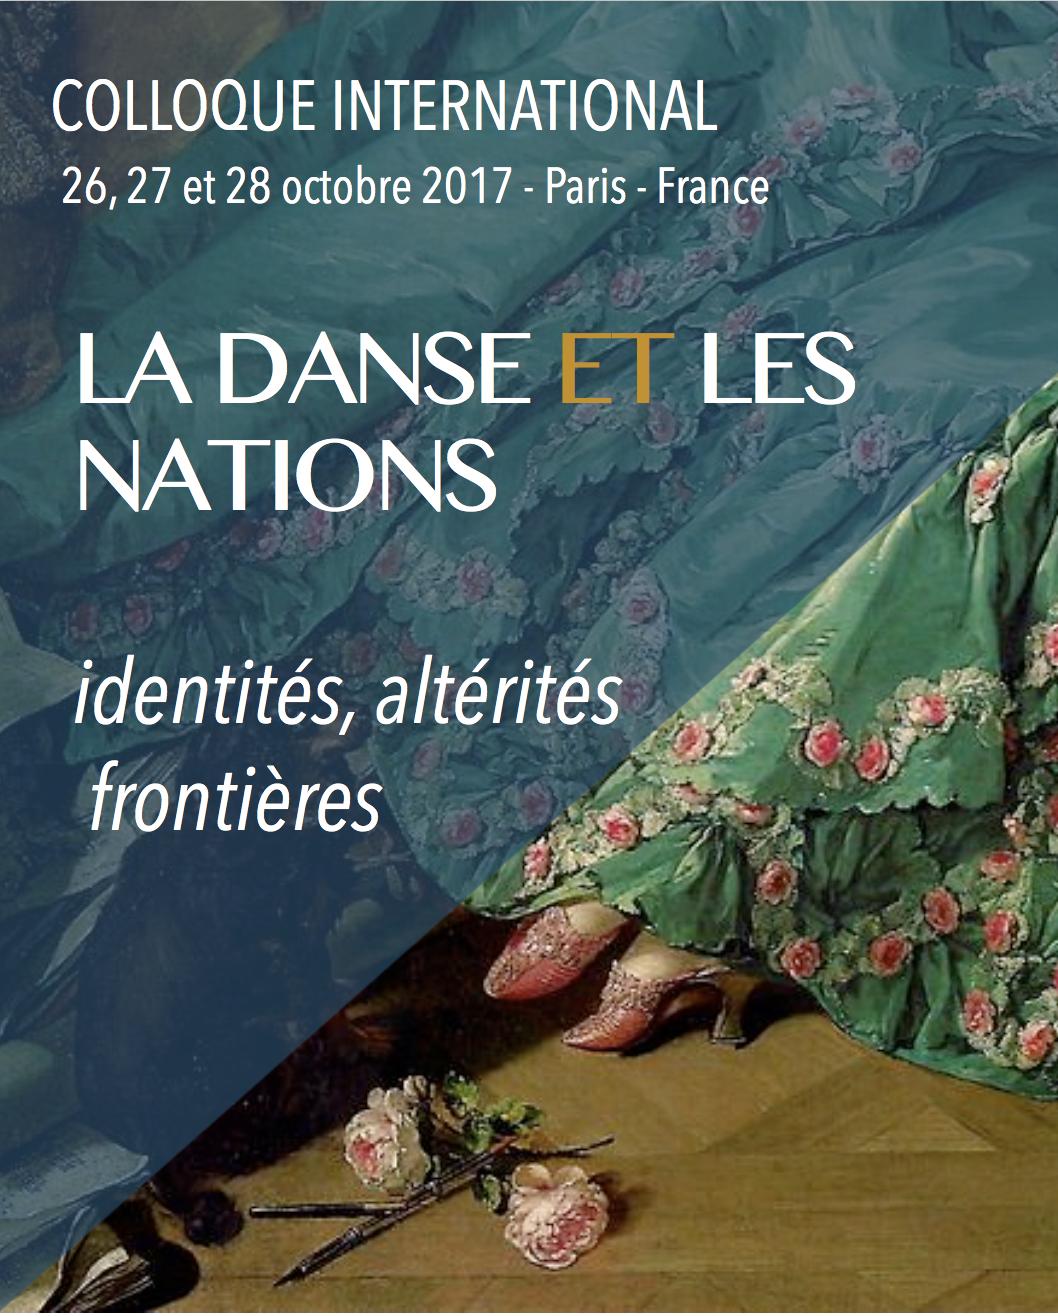 La danse et les nations : identités, altérités, frontières (XVIIe-XIXe s.) (Paris)